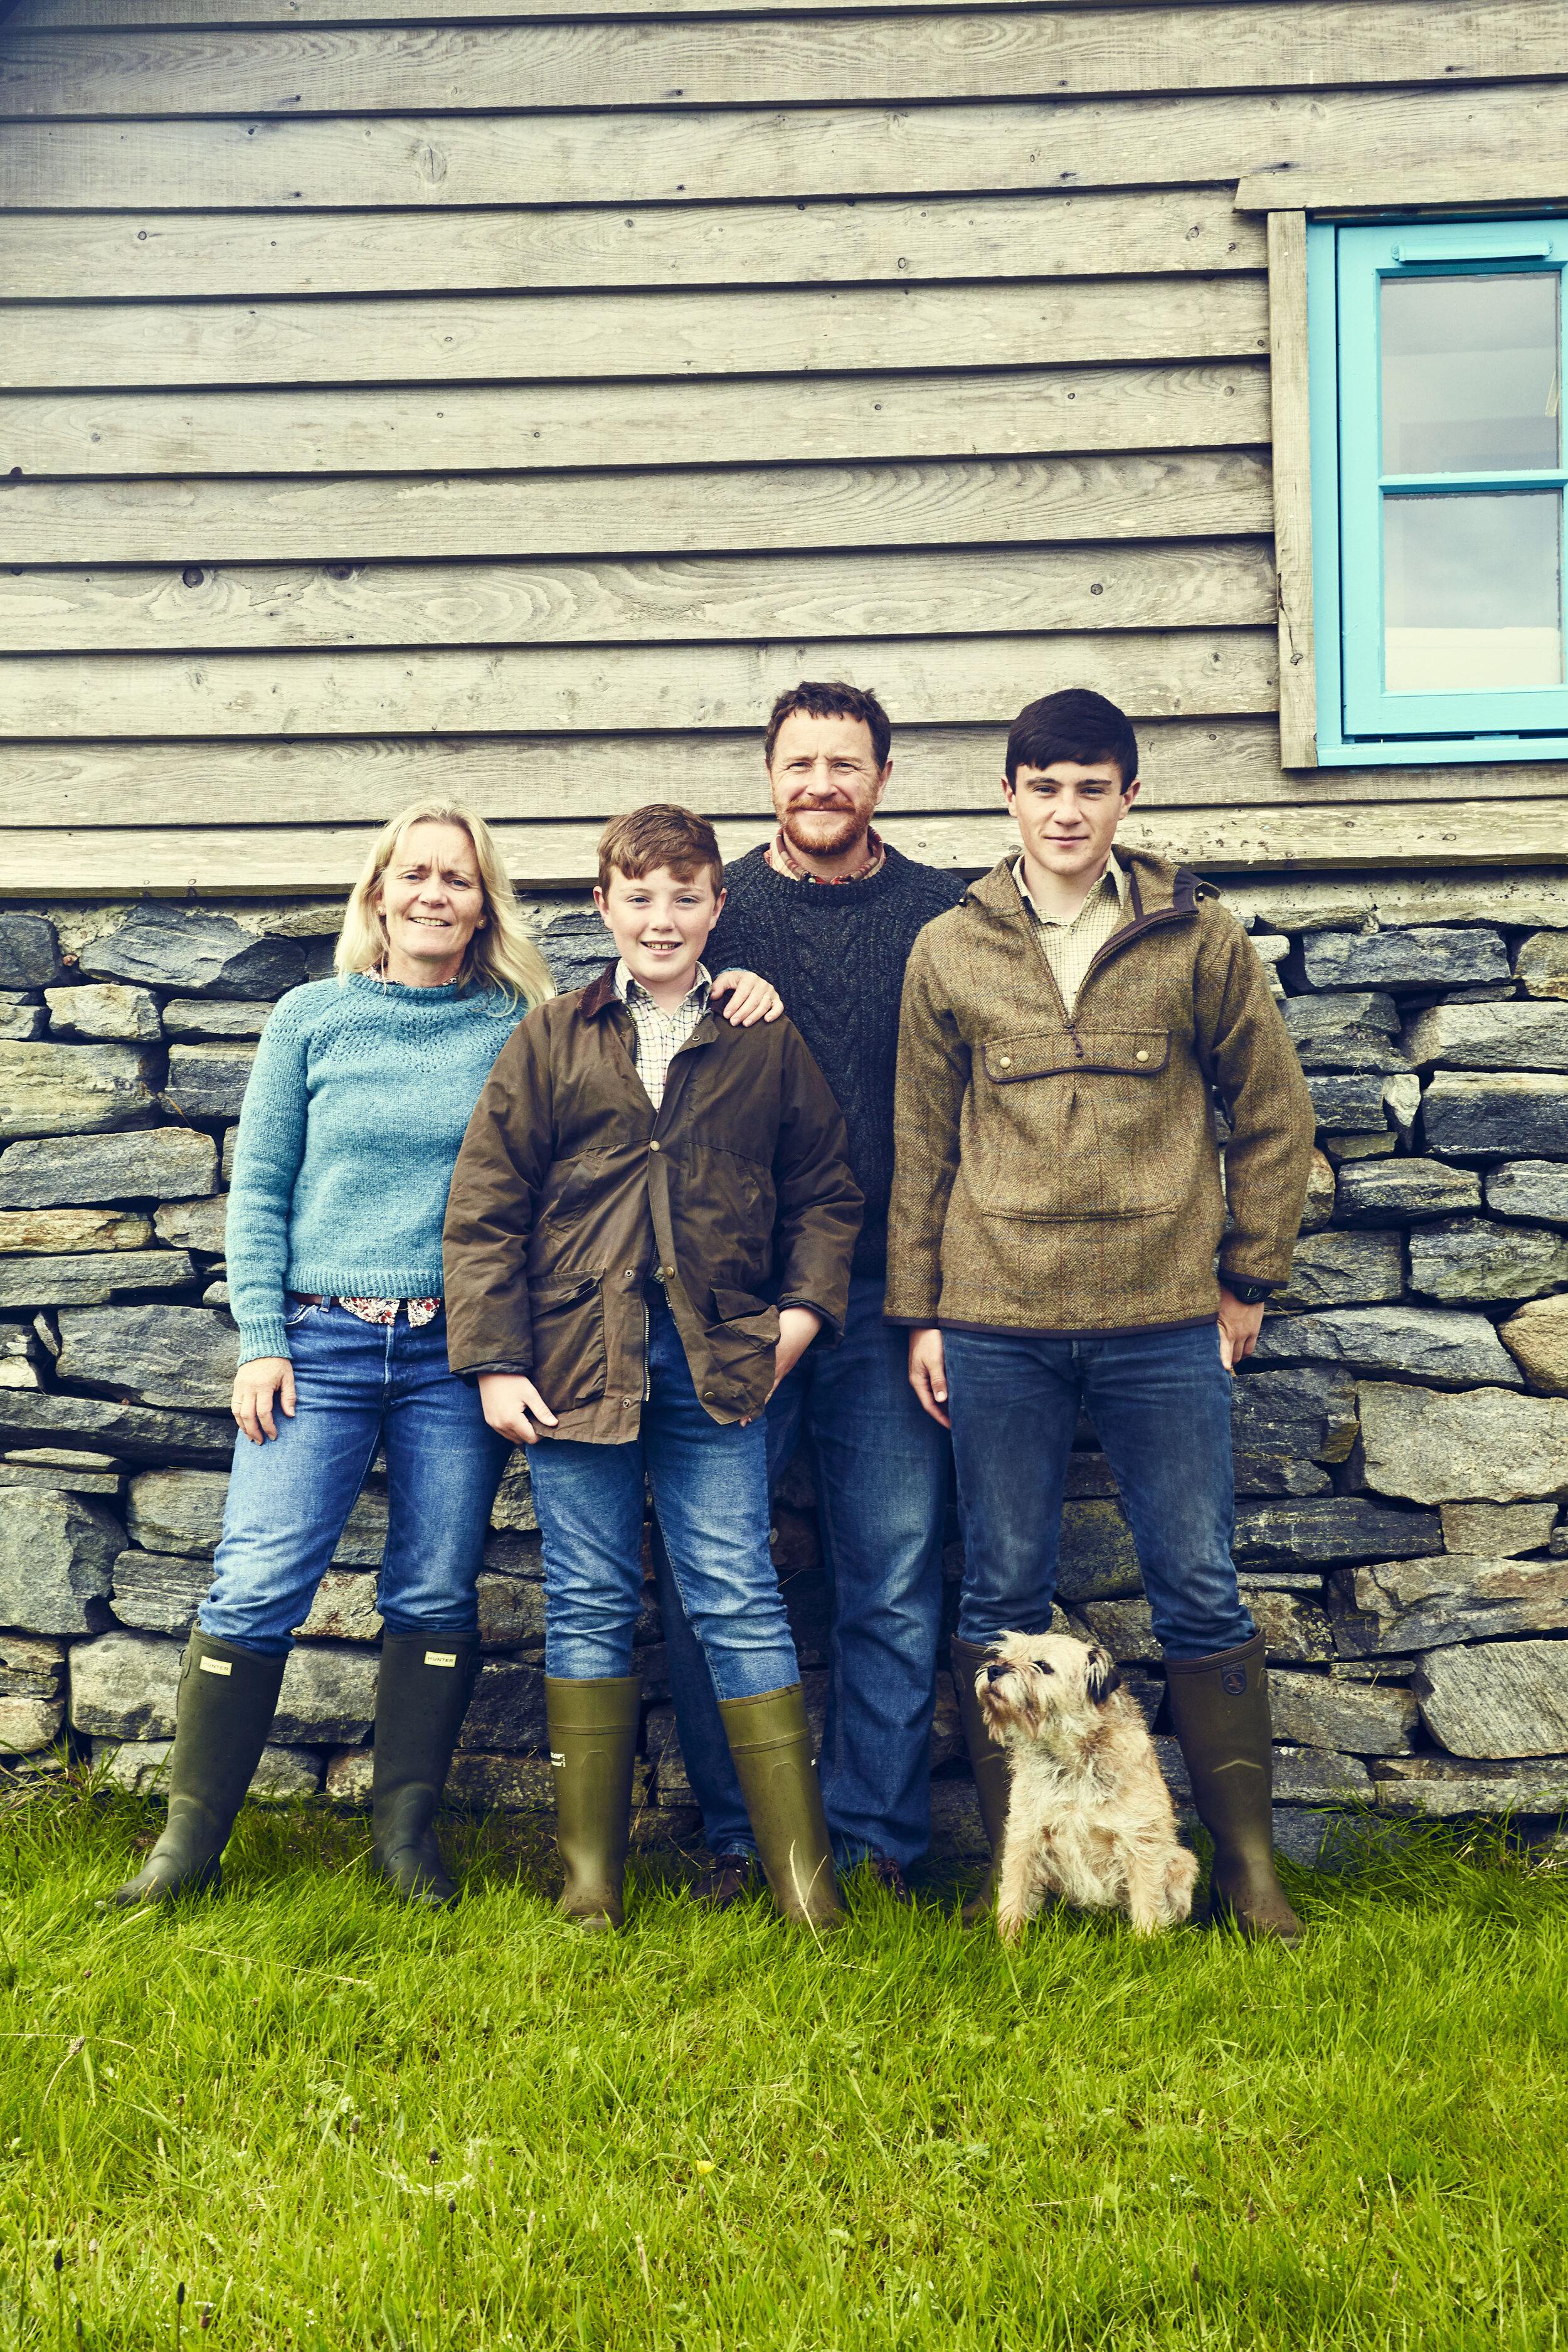 The Birlinn Yarn Company family team.